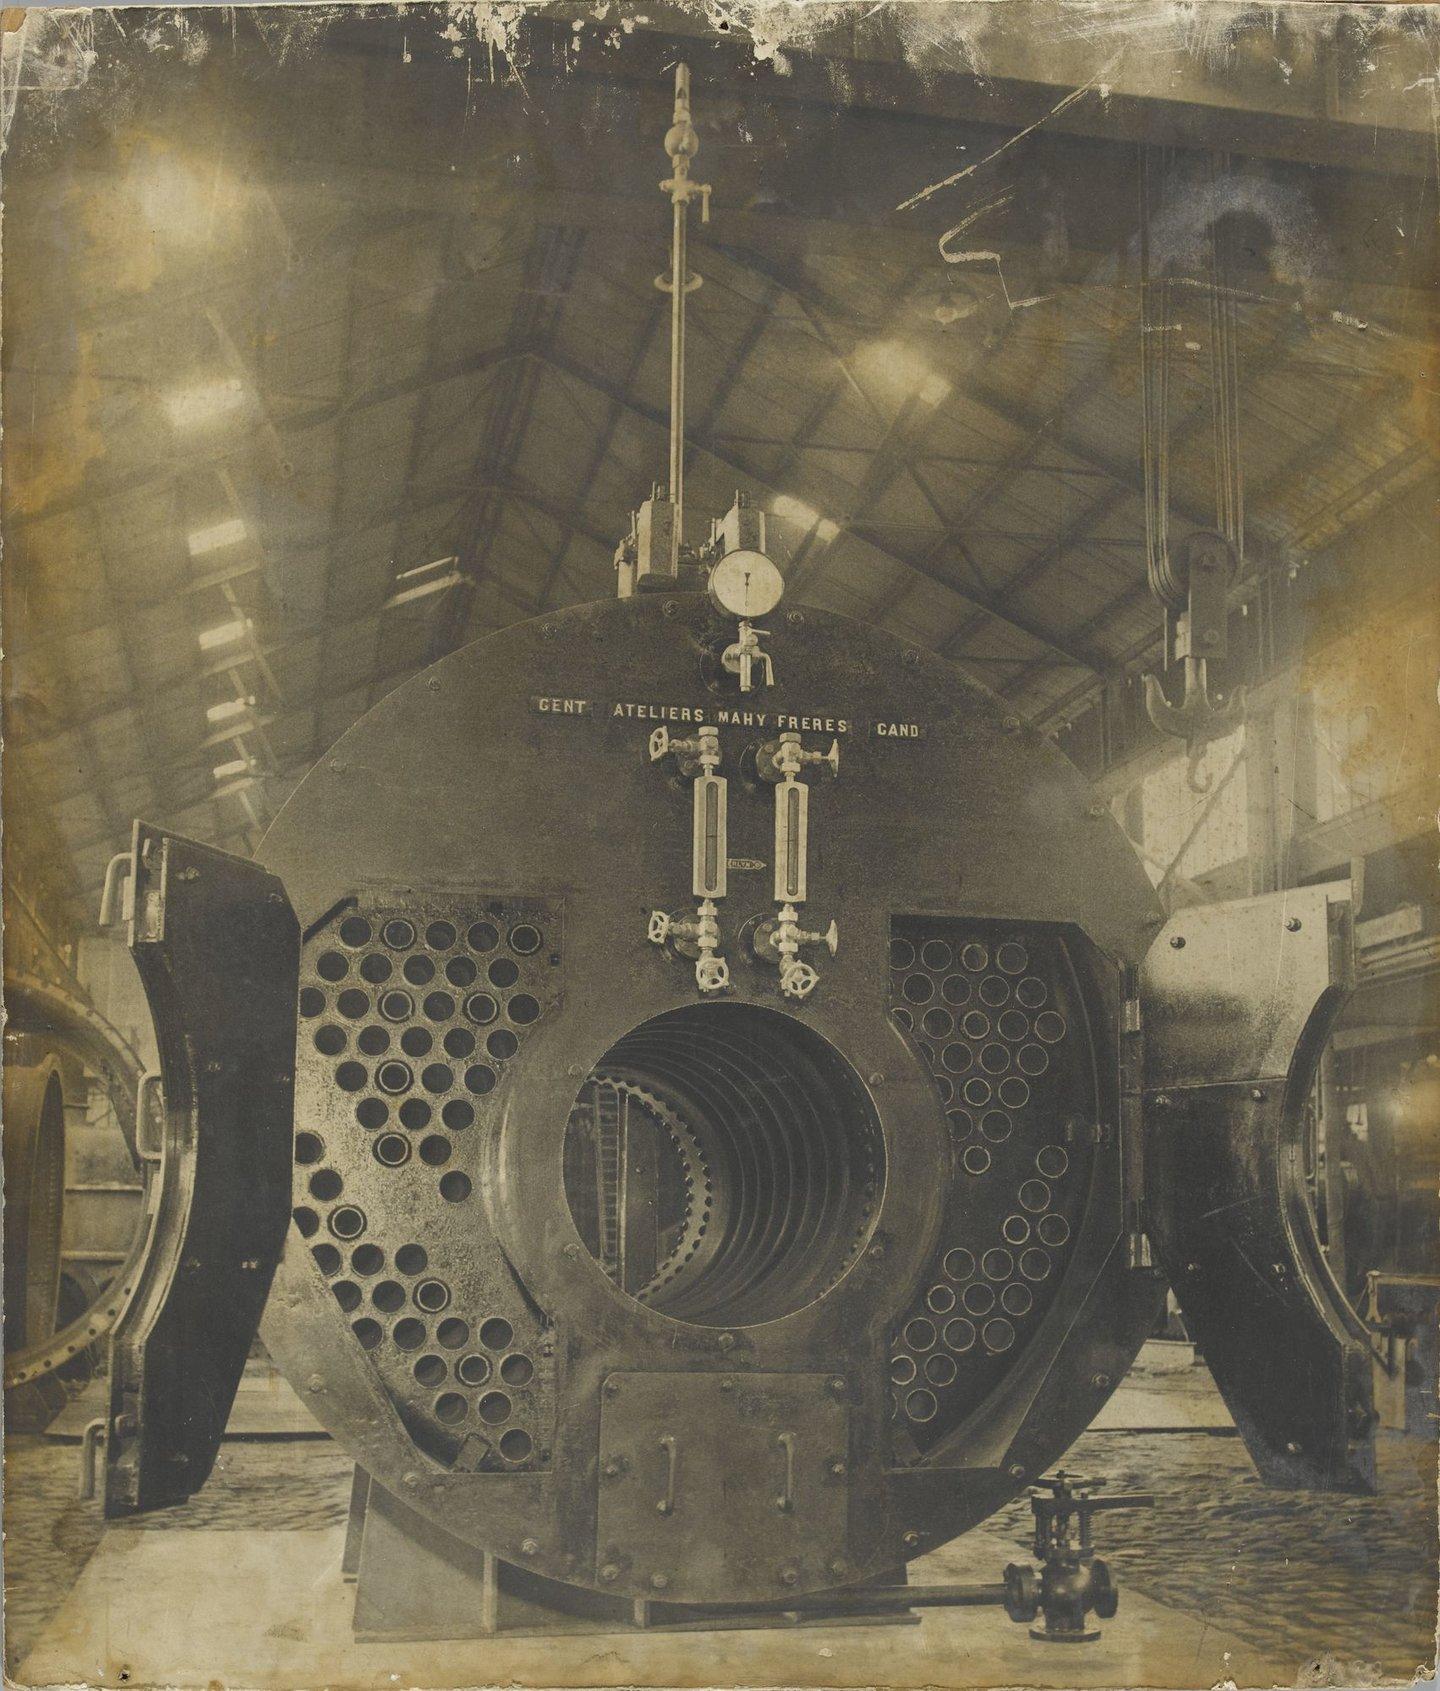 Onderdeel van stoomketel in het construcitebedrijf Ateliers Mahy Frères